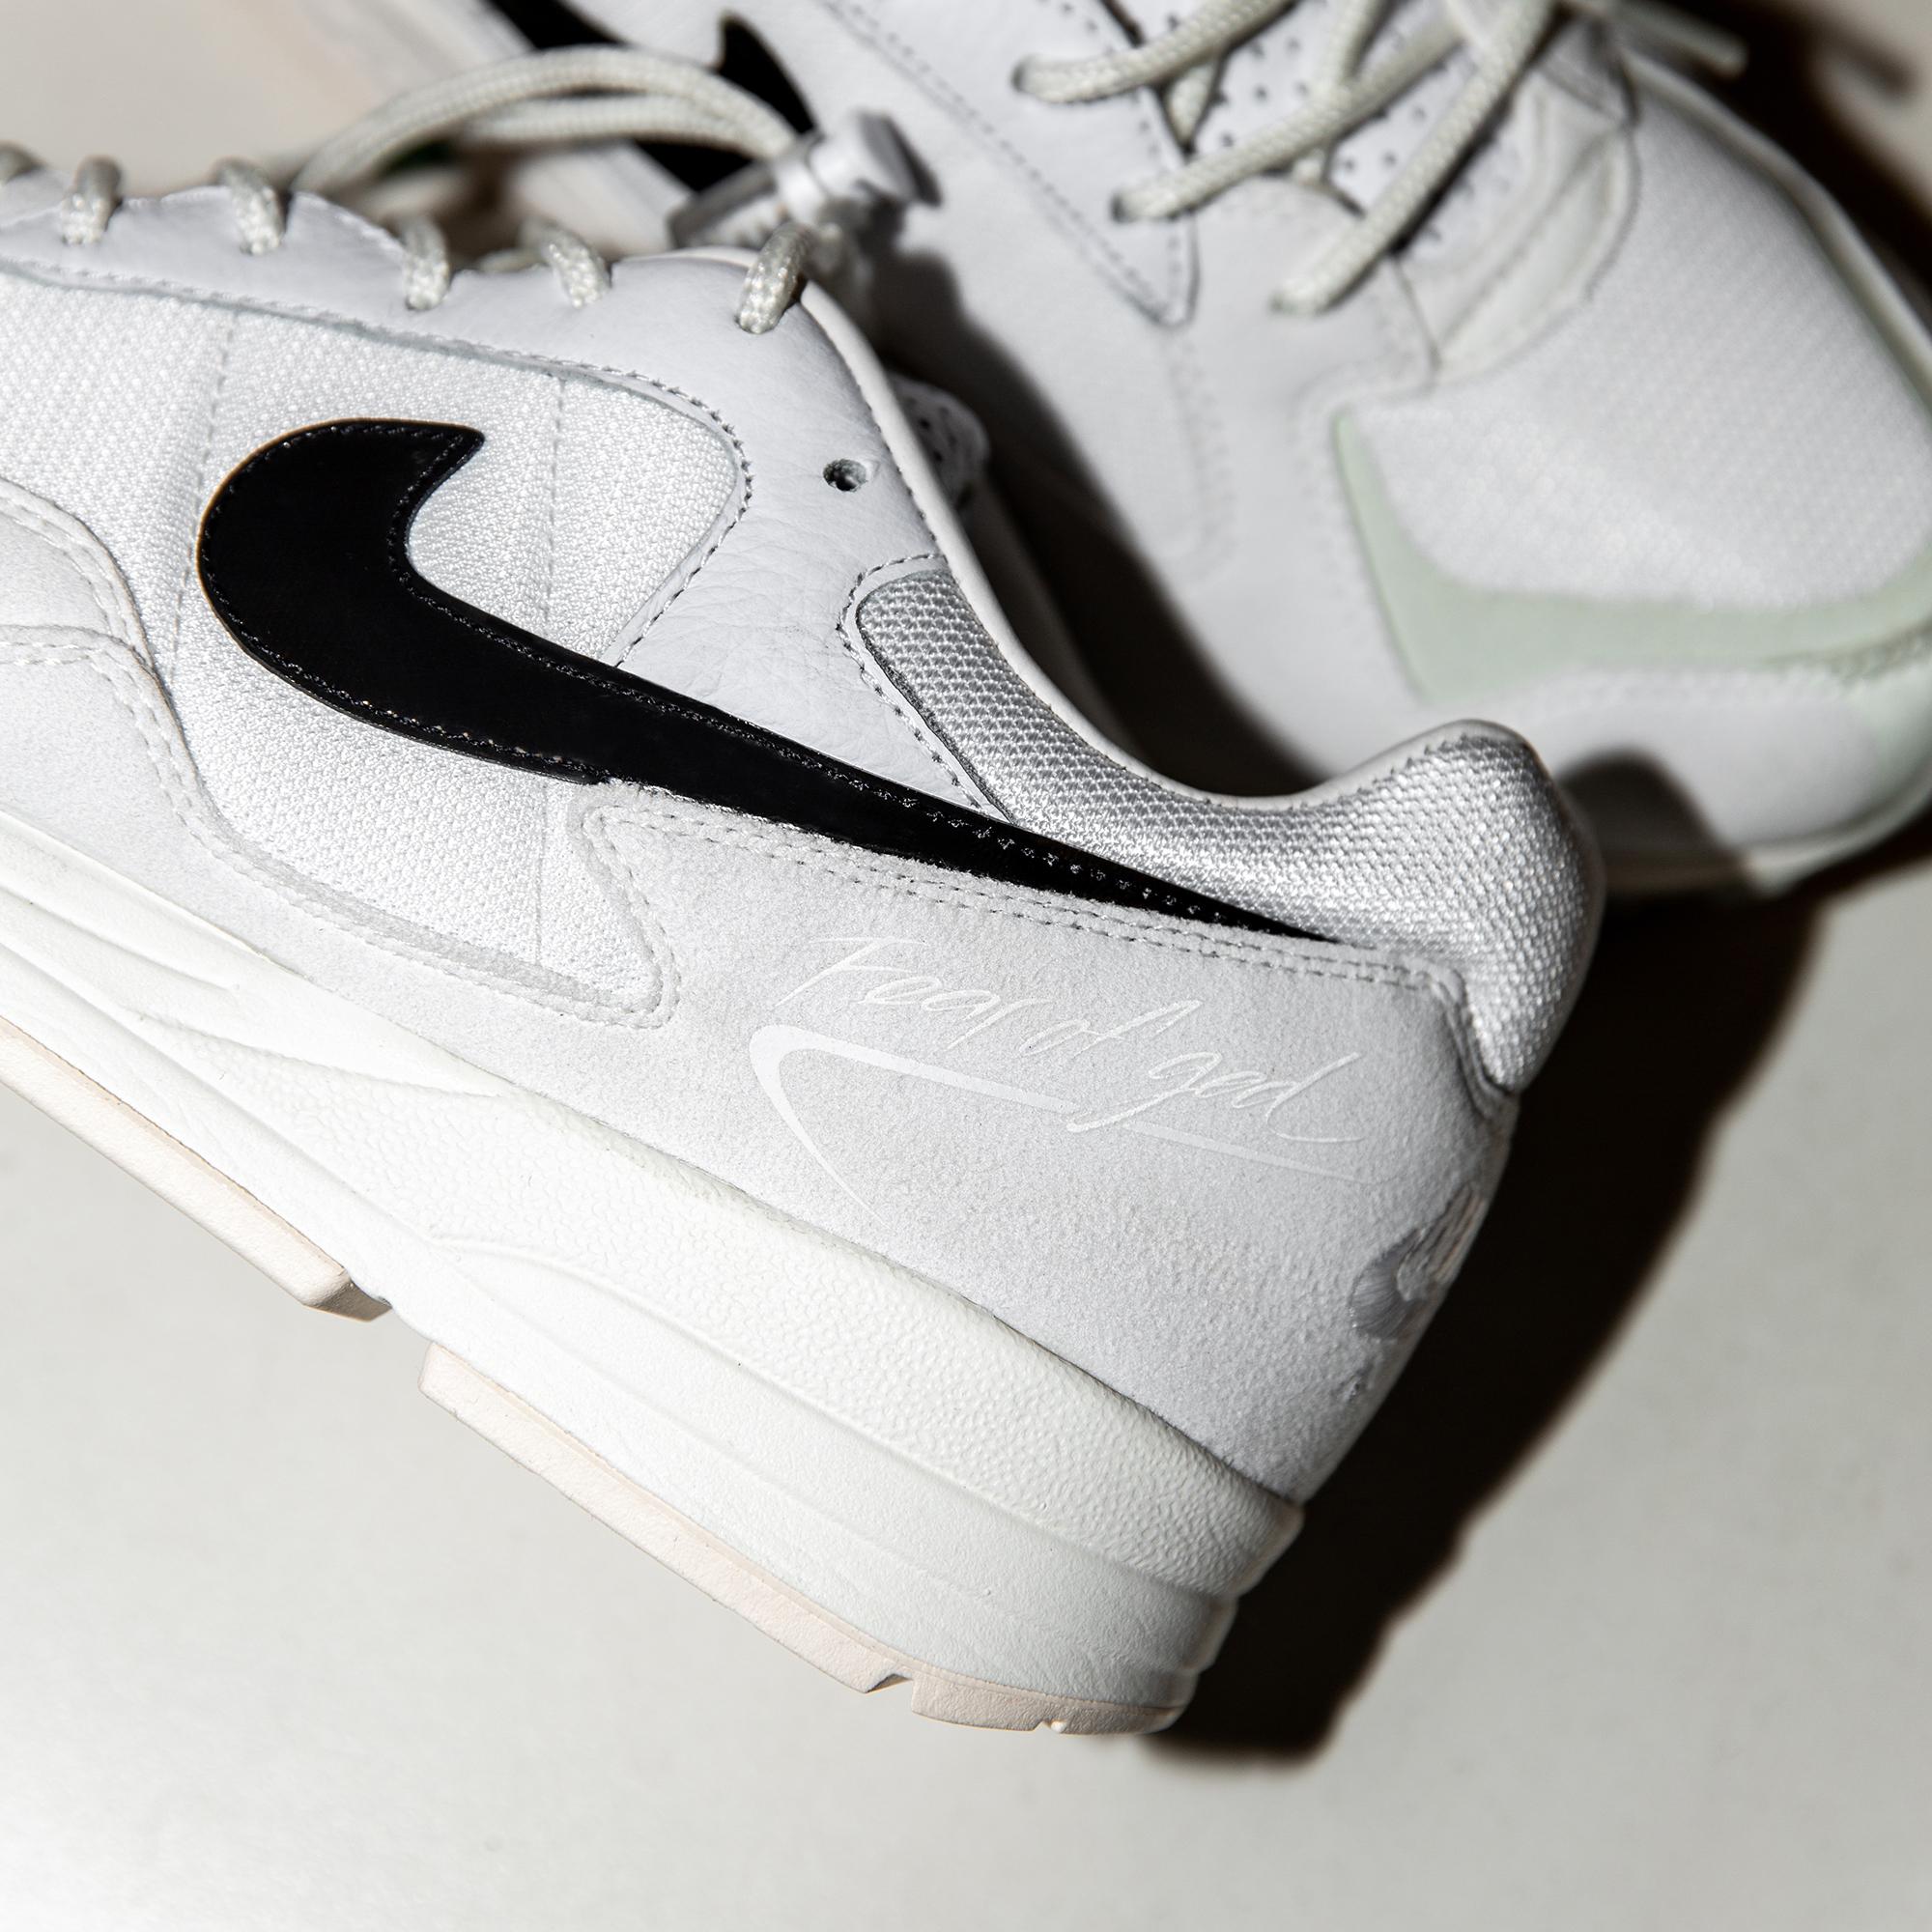 Nike x Fear of God Air Skylon 2